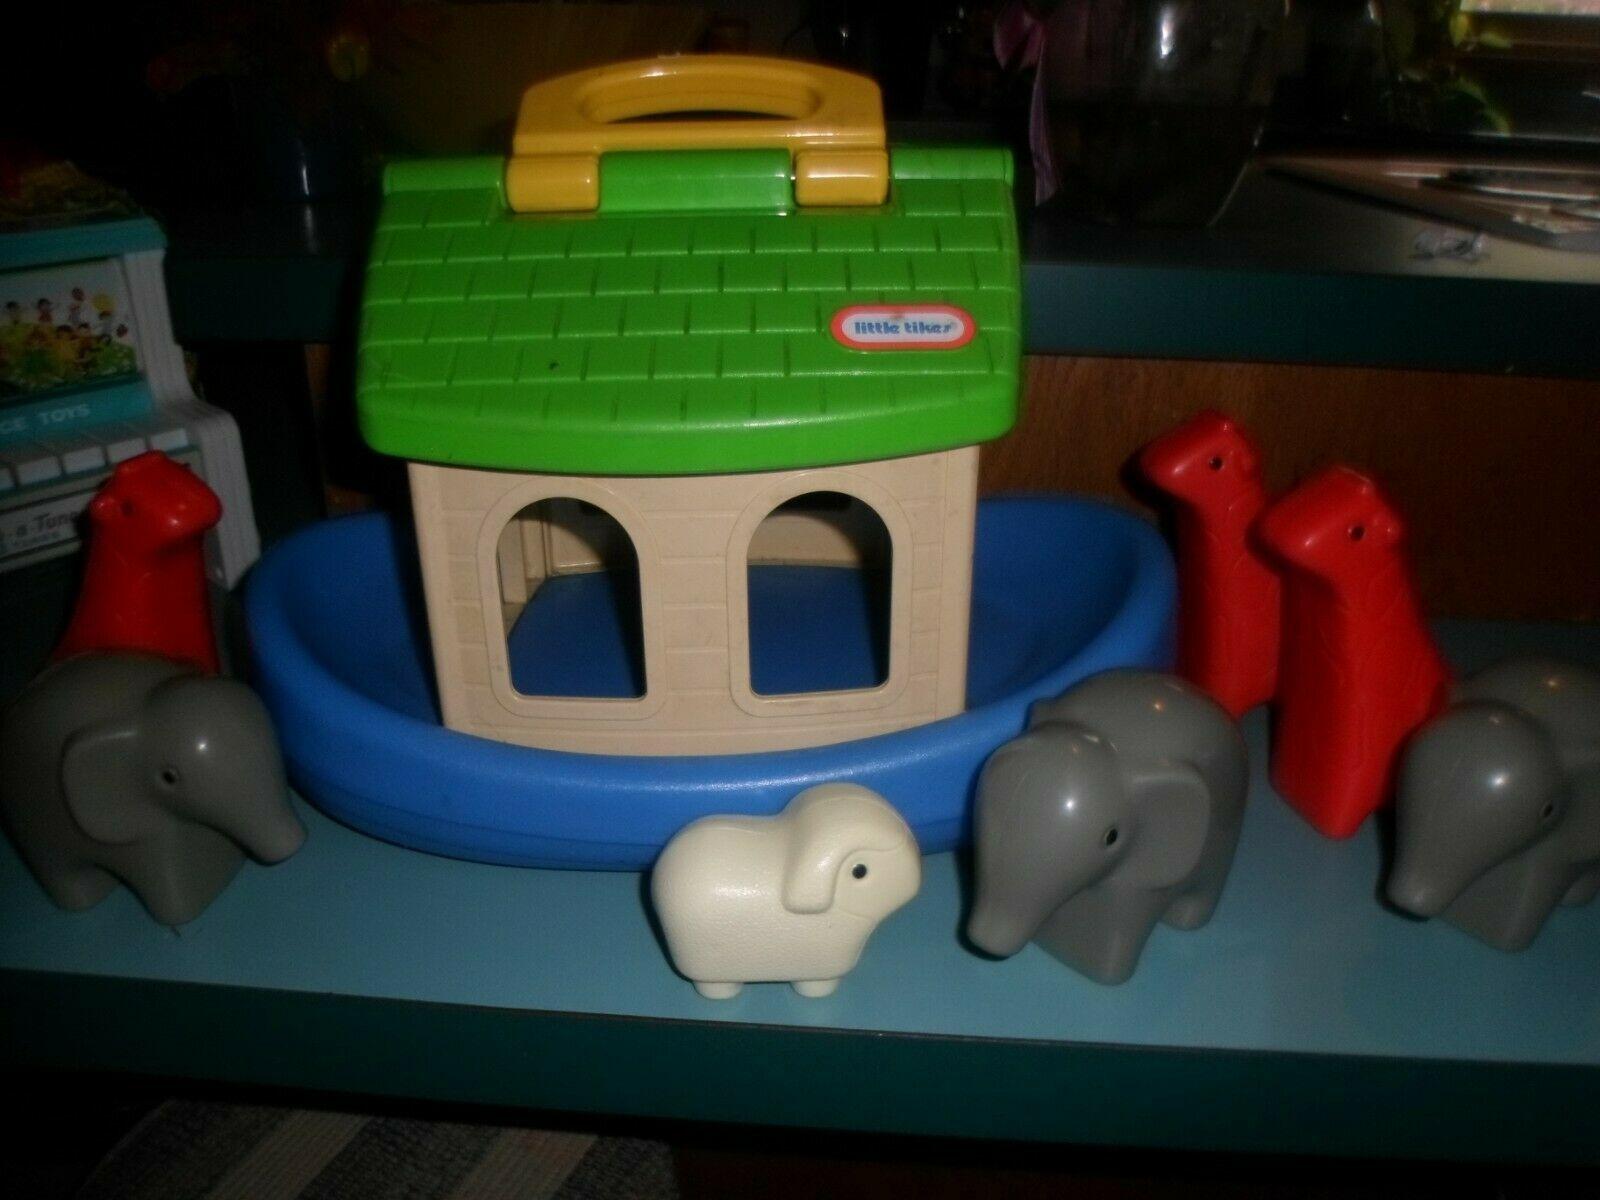 Vint Little Tikes Noahs Ark Play Set with 7 Animals elephants,giraffe lamb - $15.72